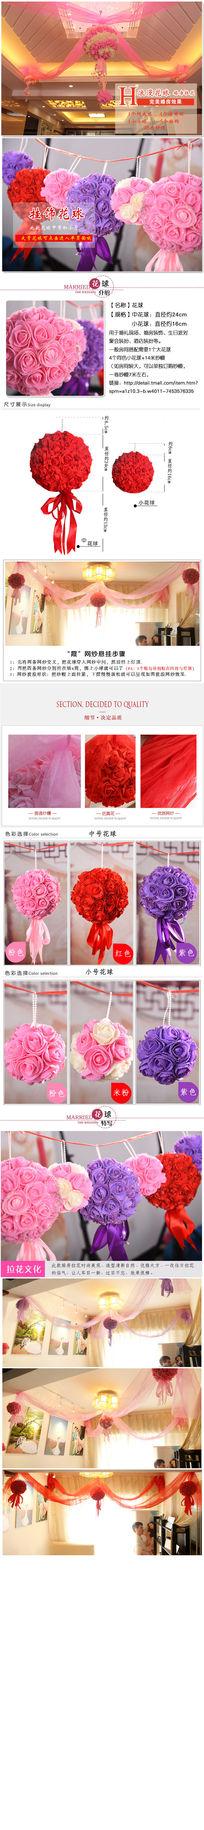 婚房花球装饰详情